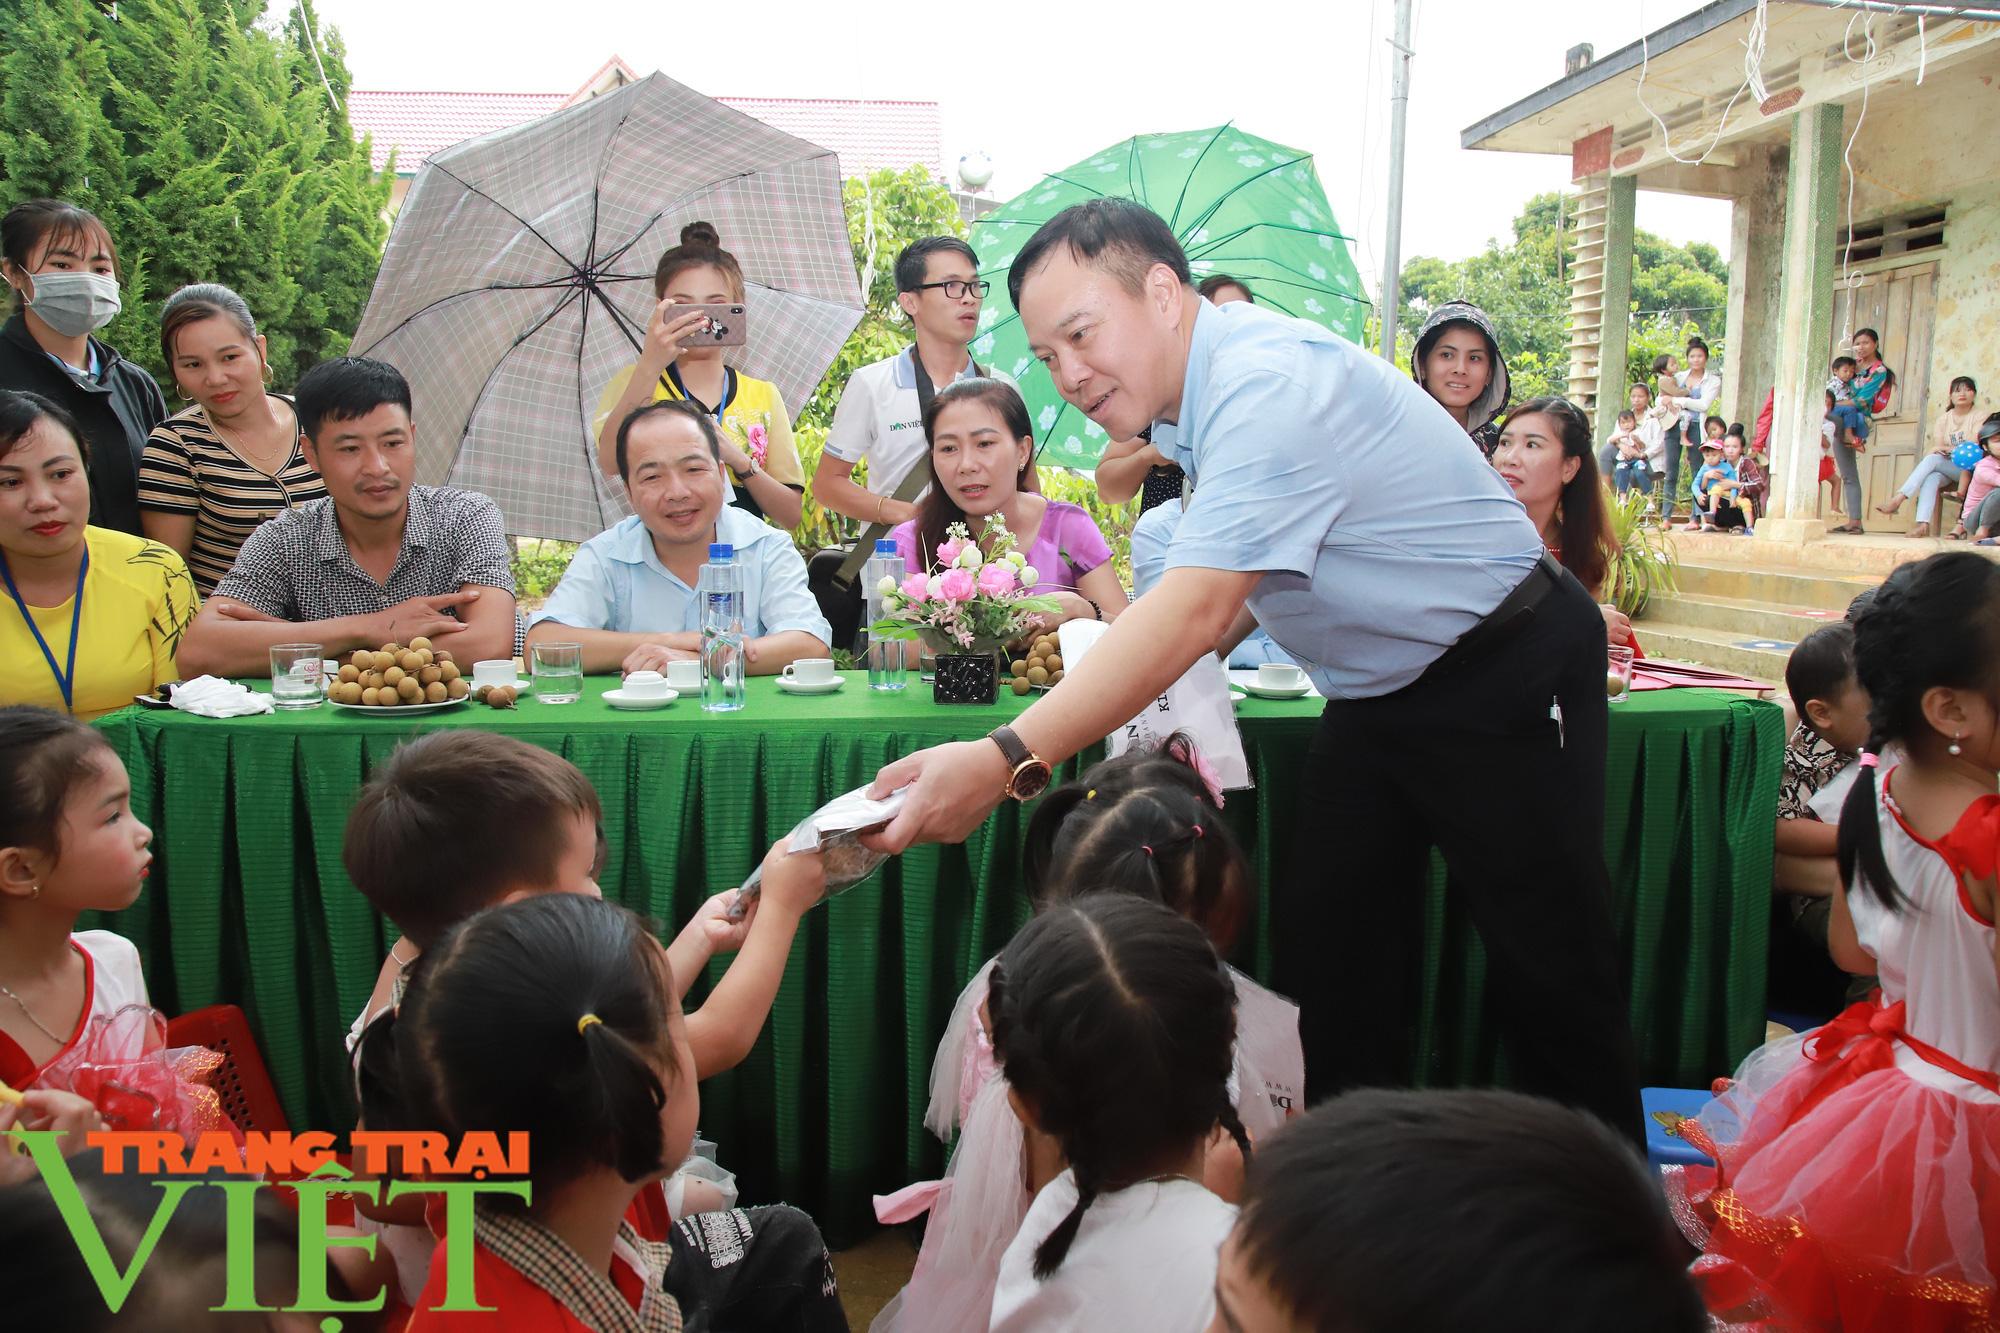 """Báo NTNN/Dân Việt - Quỹ Thiện Tâm khánh thành """"Điểm trường mơ ước"""" từ thiện tại Sơn La - Ảnh 6."""